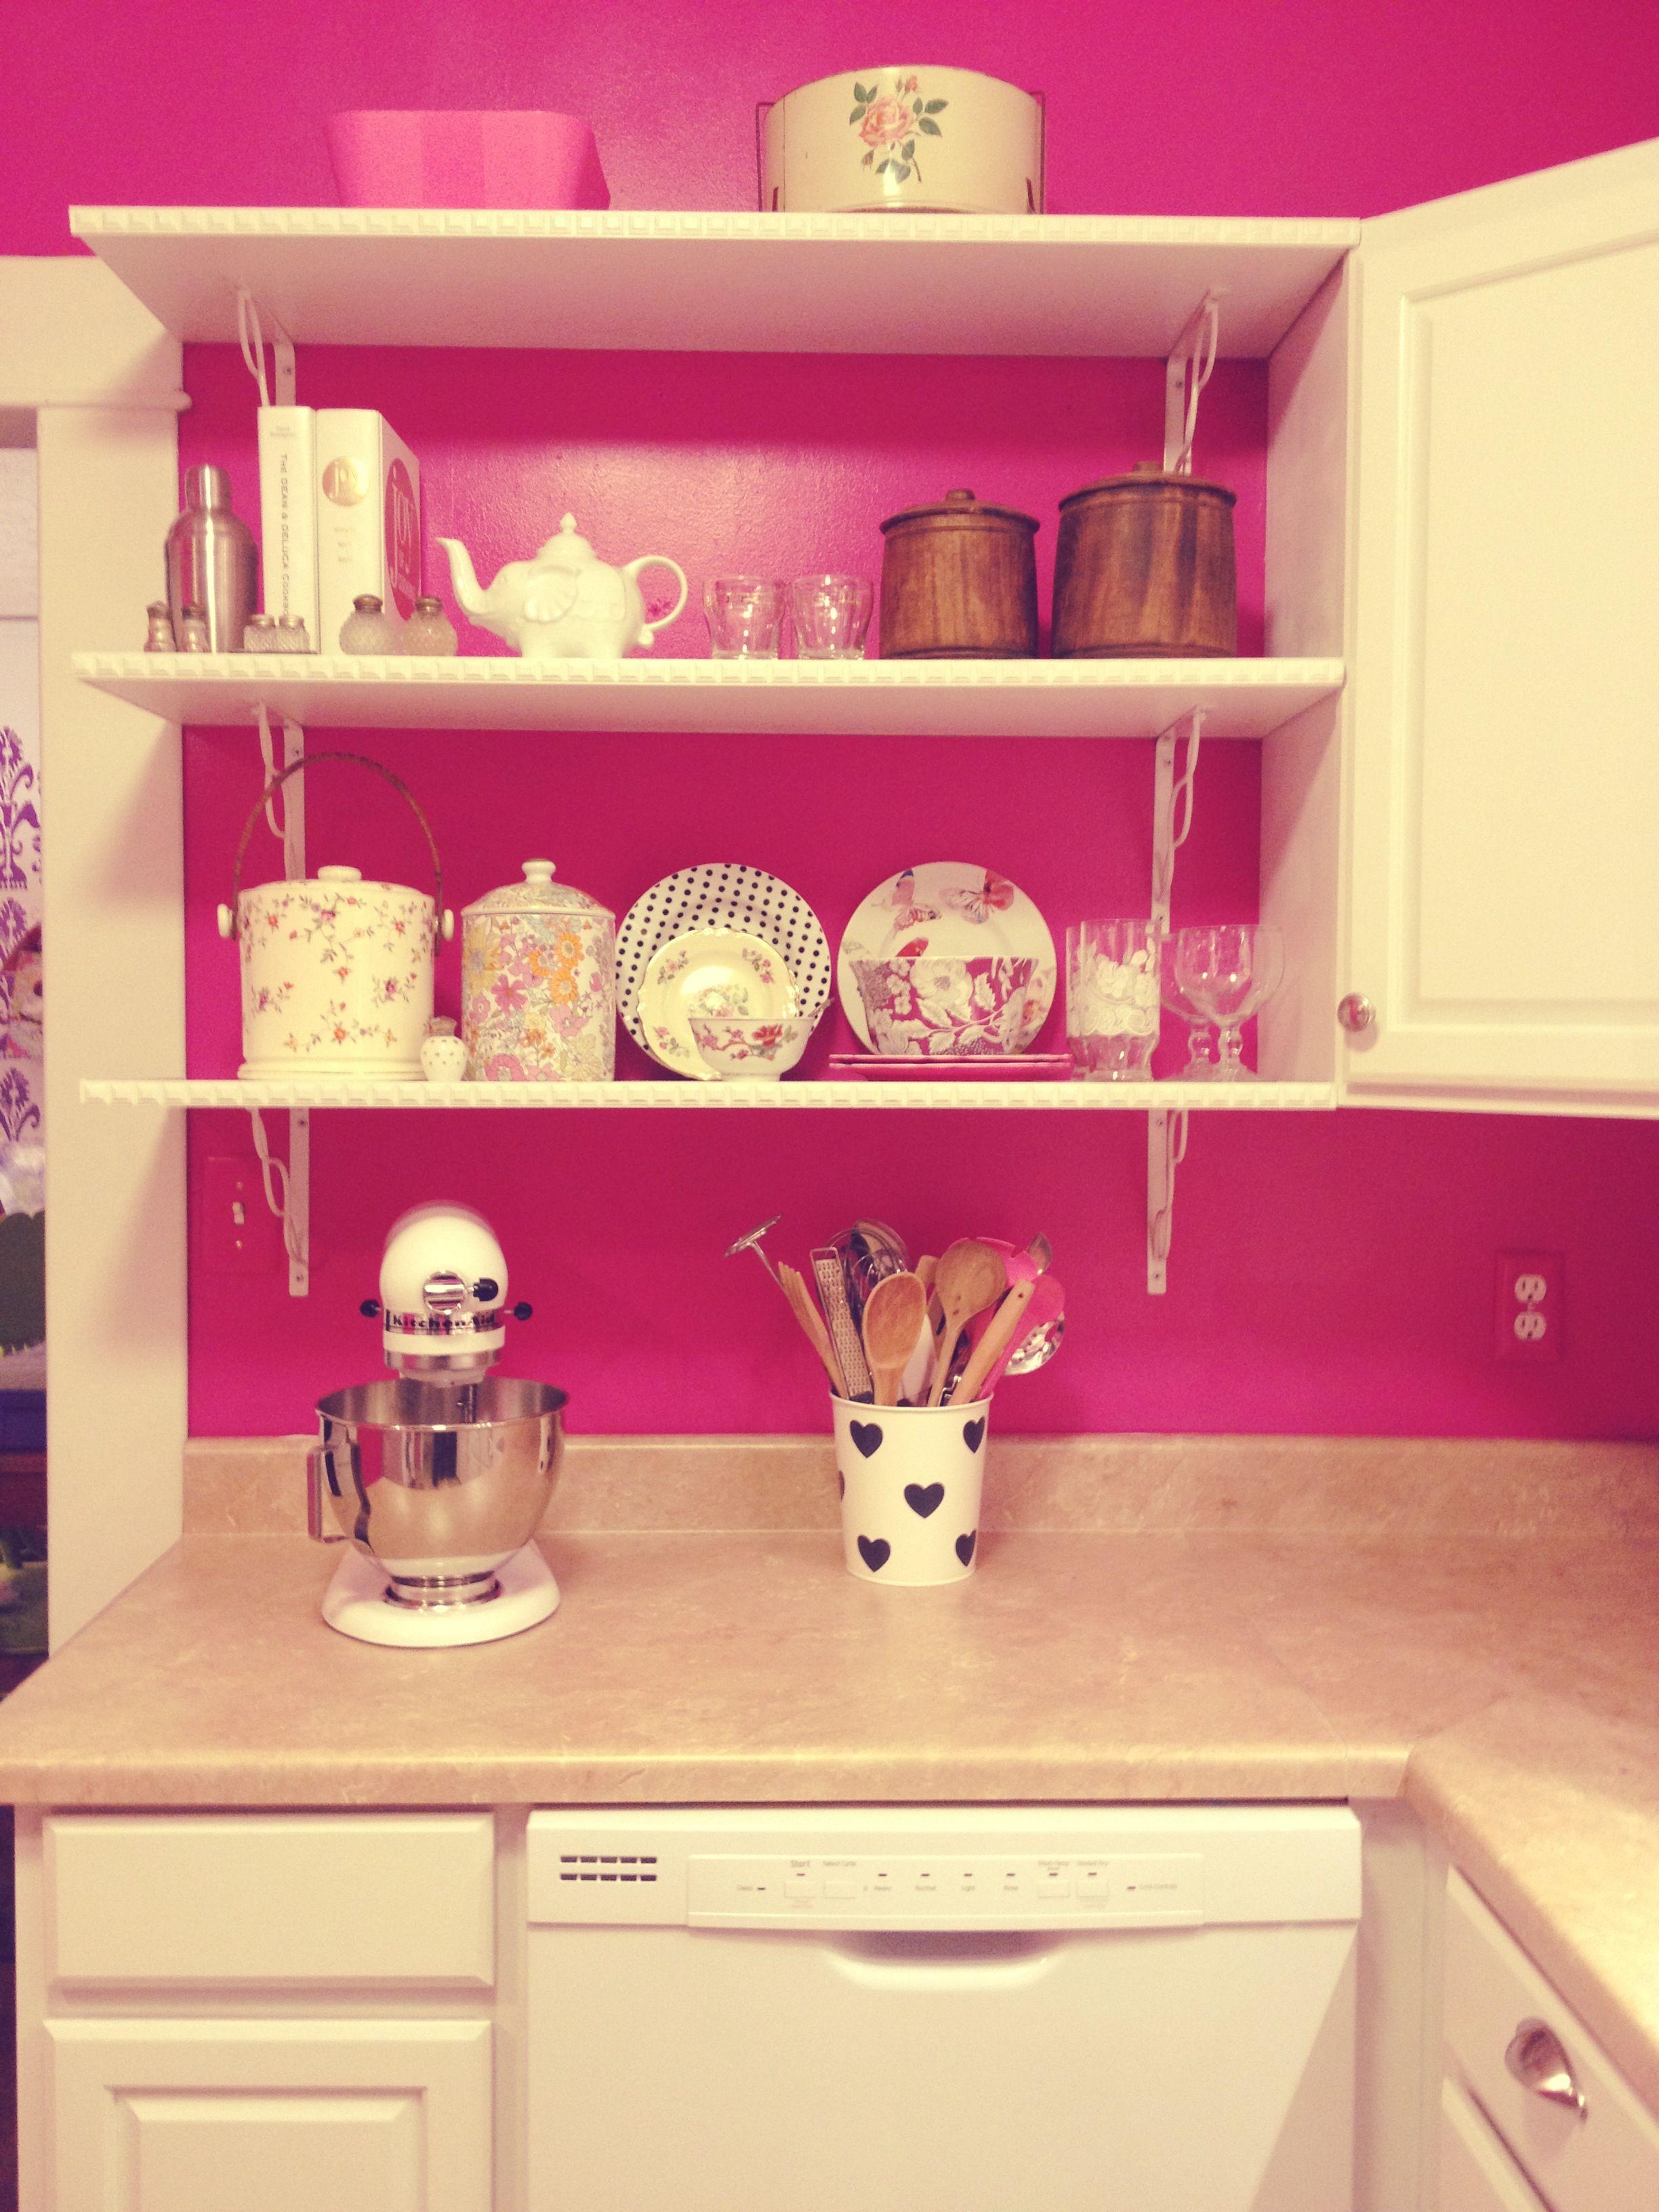 My Hot Pink Kitchen